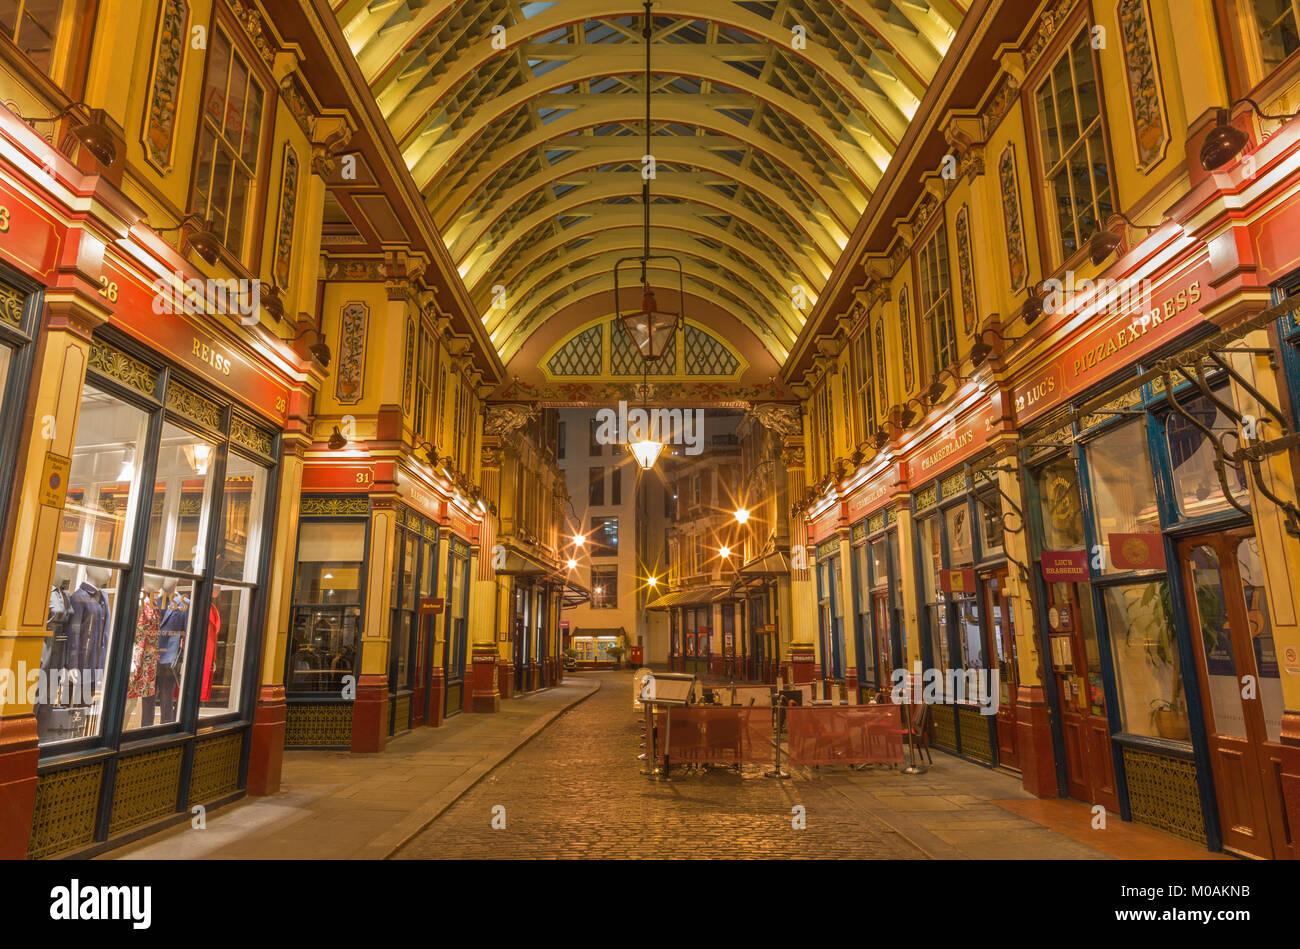 Londres, Gran Bretaña - Septiembre 18, 2017: La galería de Leadenhall market en la noche. Imagen De Stock